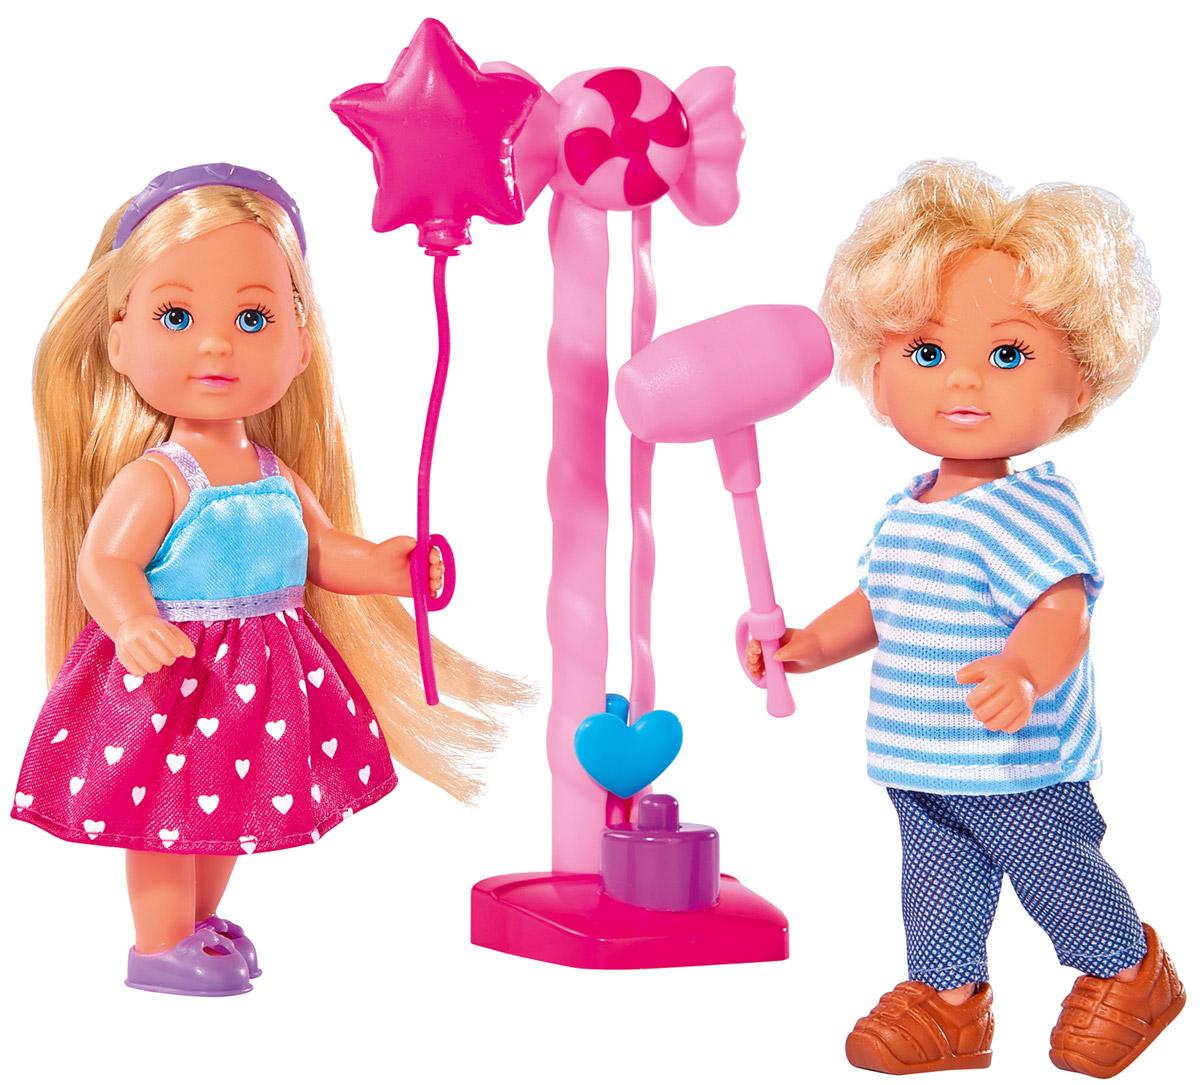 Simba Набор кукол Еви и Тимми на аттракционах5738059Набор кукол Simba Еви и Тимми на аттракционах порадует любую девочку и надолго увлечет ее. Еви и Тимми гуляют по парку аттракционов и весело проводят время. В комплекте есть все необходимое: молоток, воздушный шарик и аттракцион. Молотком можно ударять по специальной площадке, после чего индикатор покажет силу нанесенного удара. Обеим куклам в руки можно вставлять молоток или воздушный шарик. Еви одета в красивое платье розового цвета, которое декорировано сердечками, а на ногах - фиолетовые ботиночки. Также ее прическу украшает фиолетовый ободок. Тимми одет в штанишки синего цвета и полосатую футболку. Вашей дочурке непременно понравится заплетать длинные белокурые волосы куклы, придумывая разнообразные прически. Руки, ноги и голова кукол подвижны, благодаря чему им можно придавать разнообразные позы. Игры с куклами способствуют эмоциональному развитию, помогают формировать воображение и художественный вкус, а также разовьют в вашей малышке...